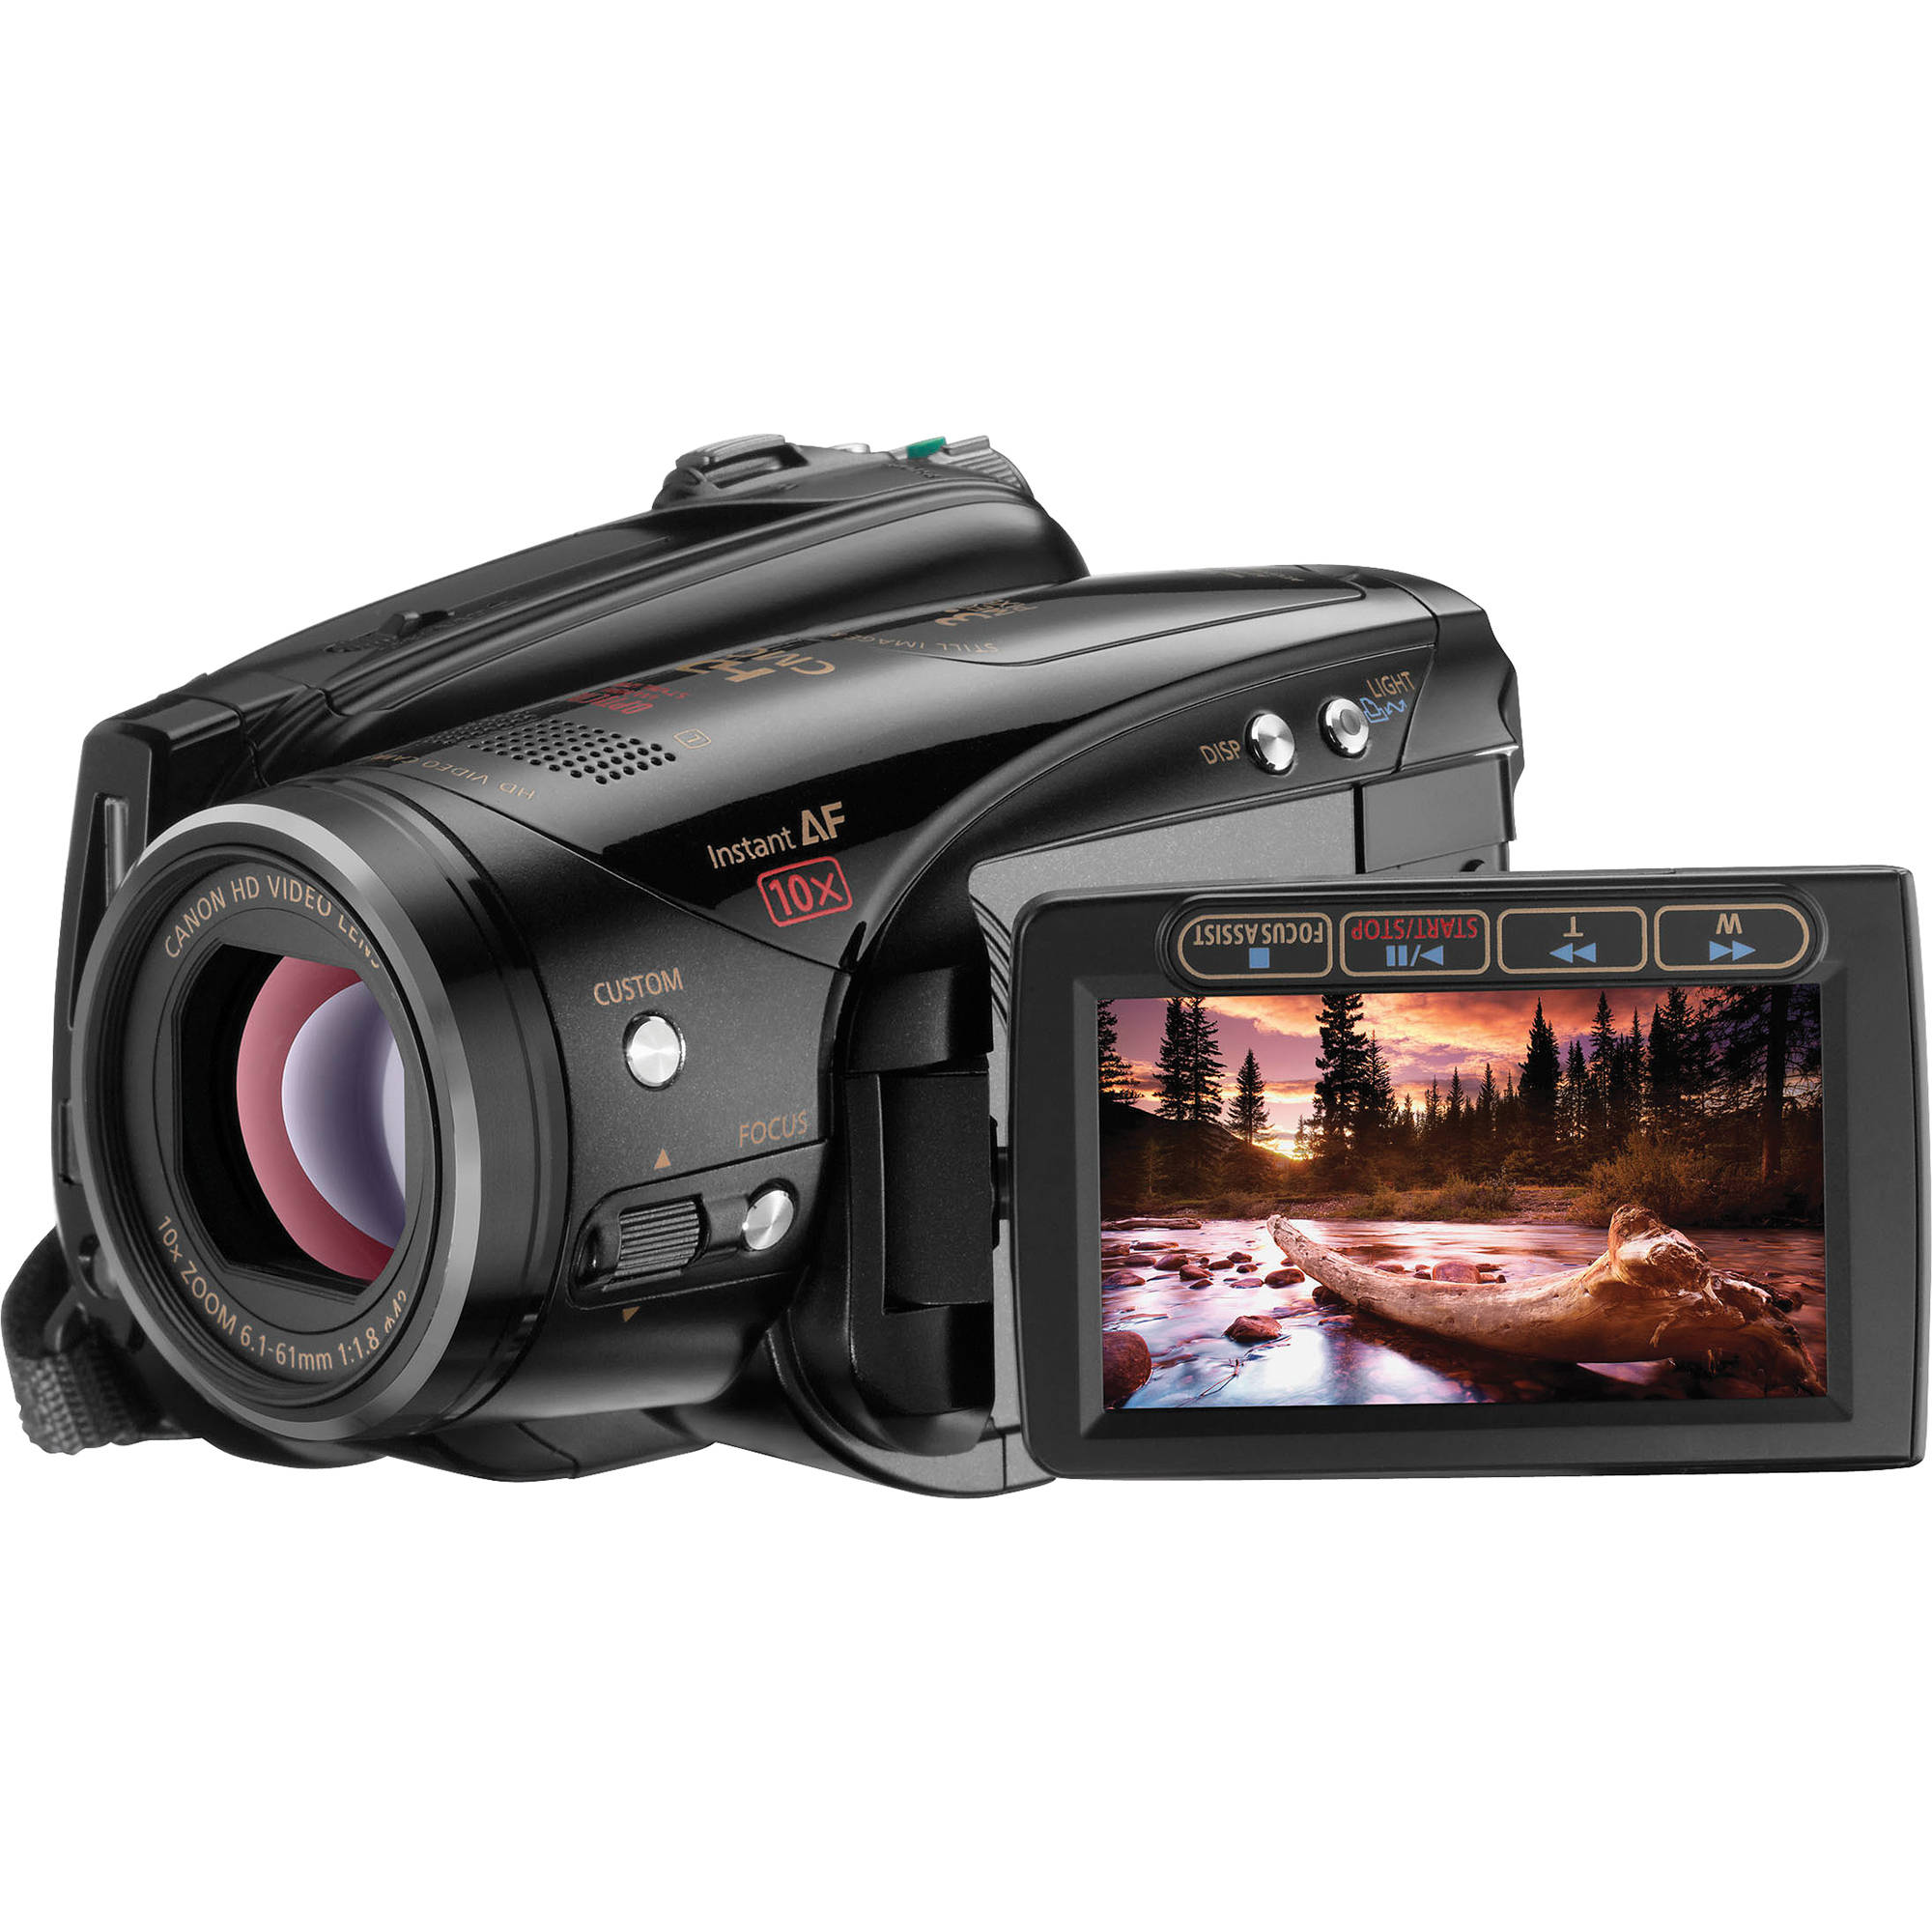 canon vixia hv40 high definition camcorder 3686b001 b h photo rh bhphotovideo com Canon VIXIA HF M30 Canon Vixia HF20